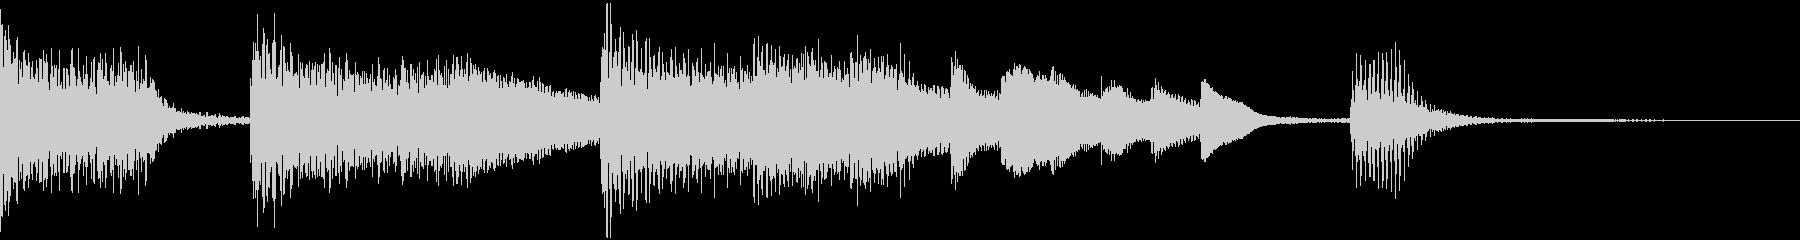 おしゃれなピアノのジングルの未再生の波形